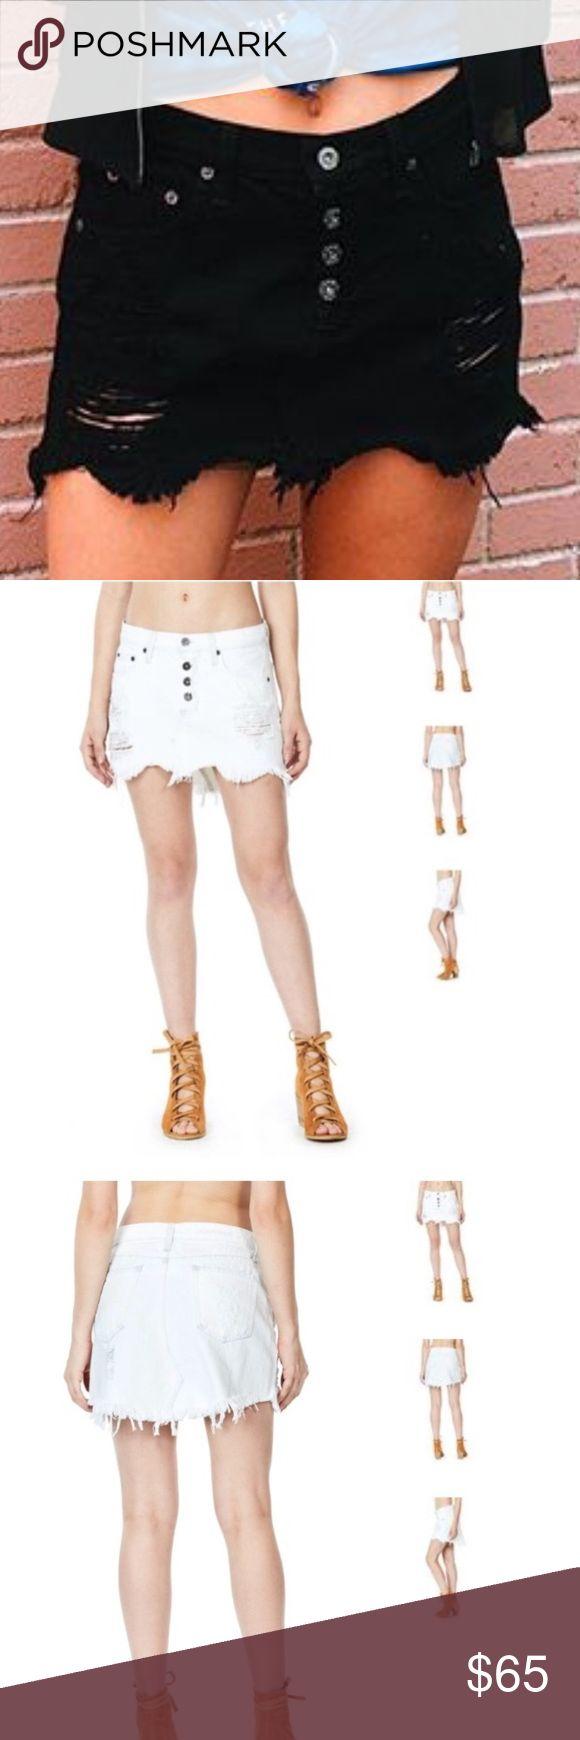 Black LF distressed jean skirt BRAND NEW NEVER WORN LF/ Carmar distressed mini jean skirt. LF Skirts Mini